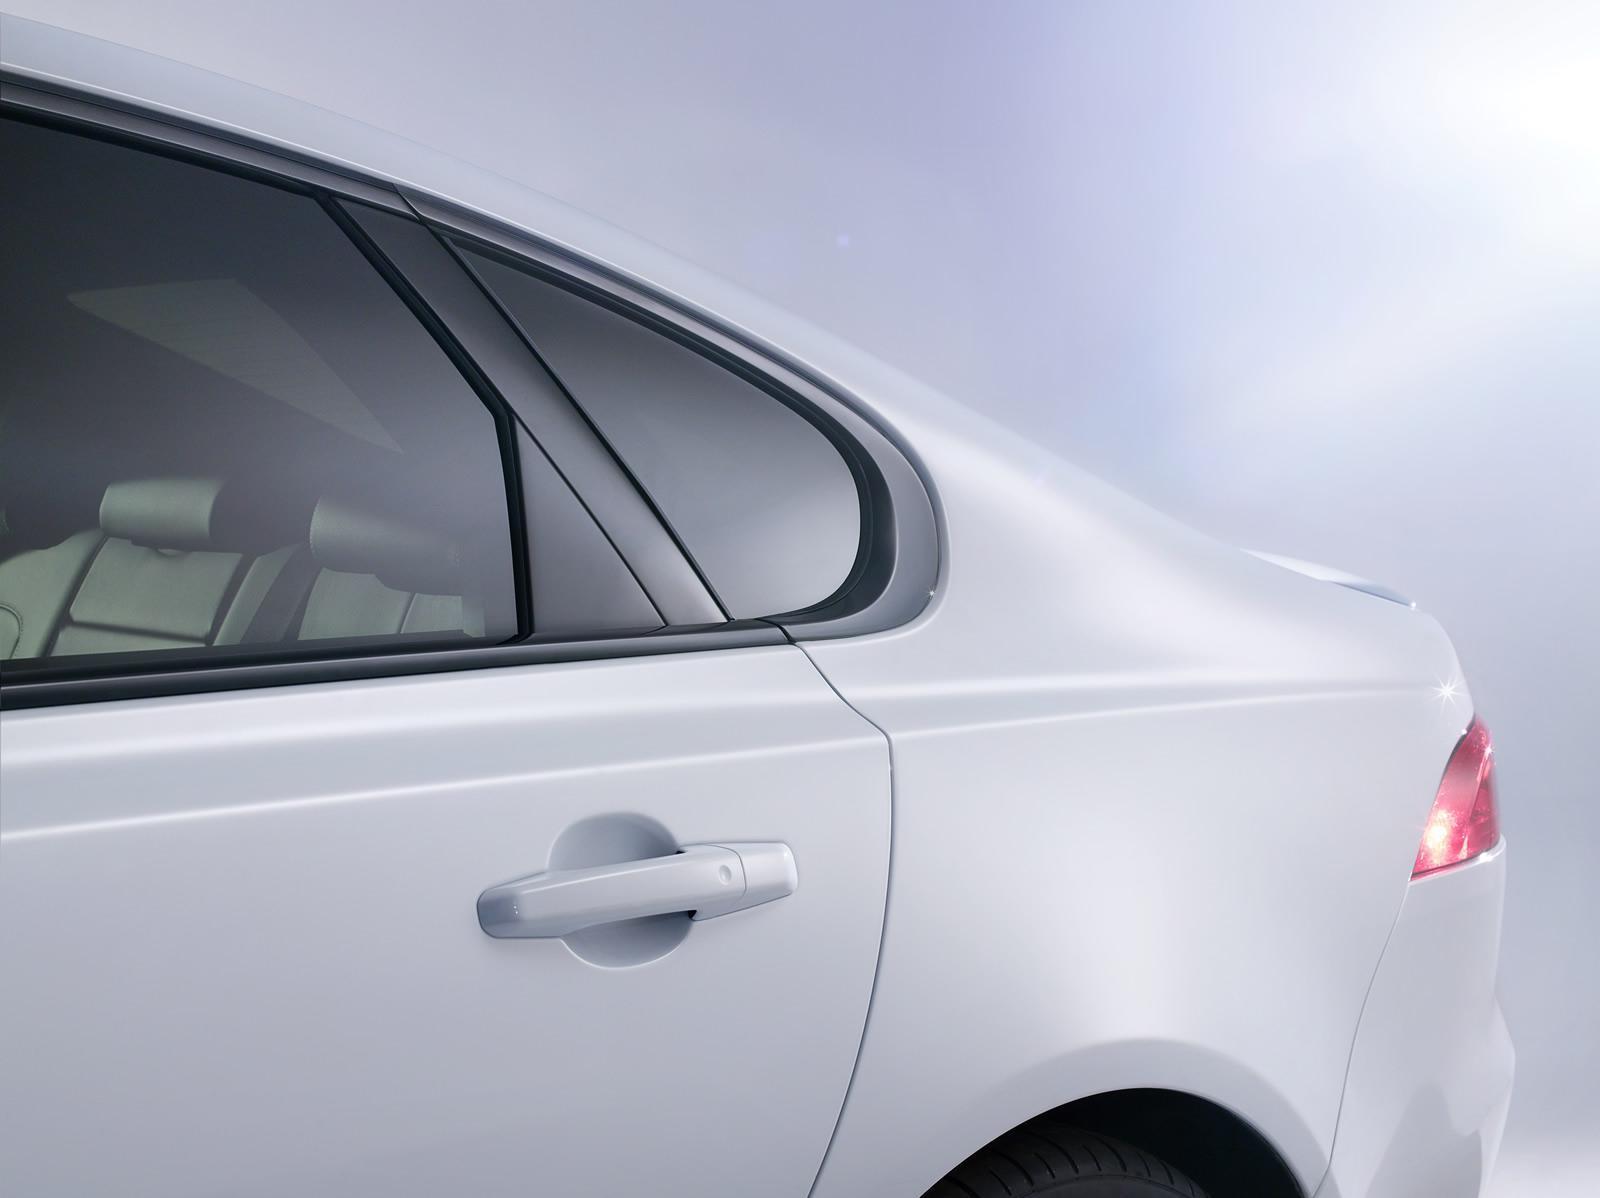 2016 Jaguar XF rear quarter glass official image